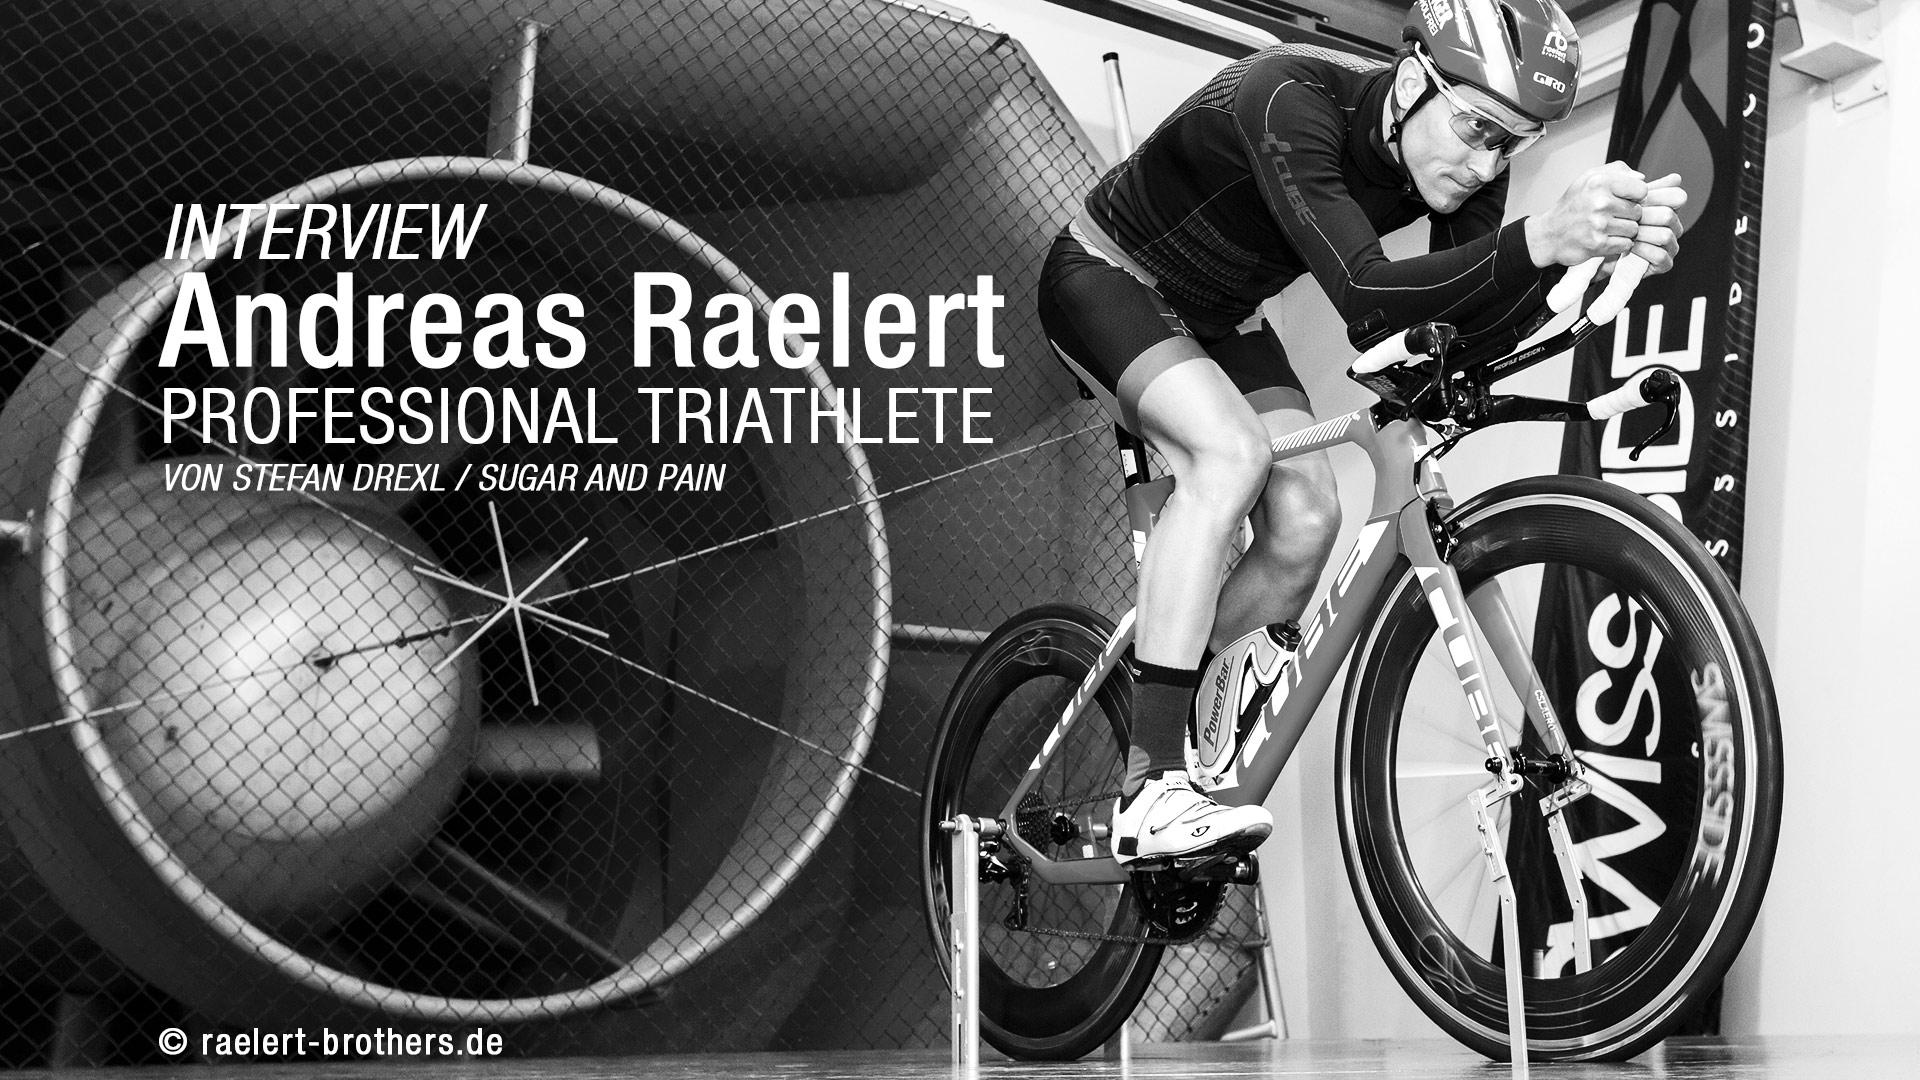 """Interview Andreas Raelert, Professional Triathlete: """"Mit effizientem Training und der richtigen Balance auf den Kona-Thron"""""""